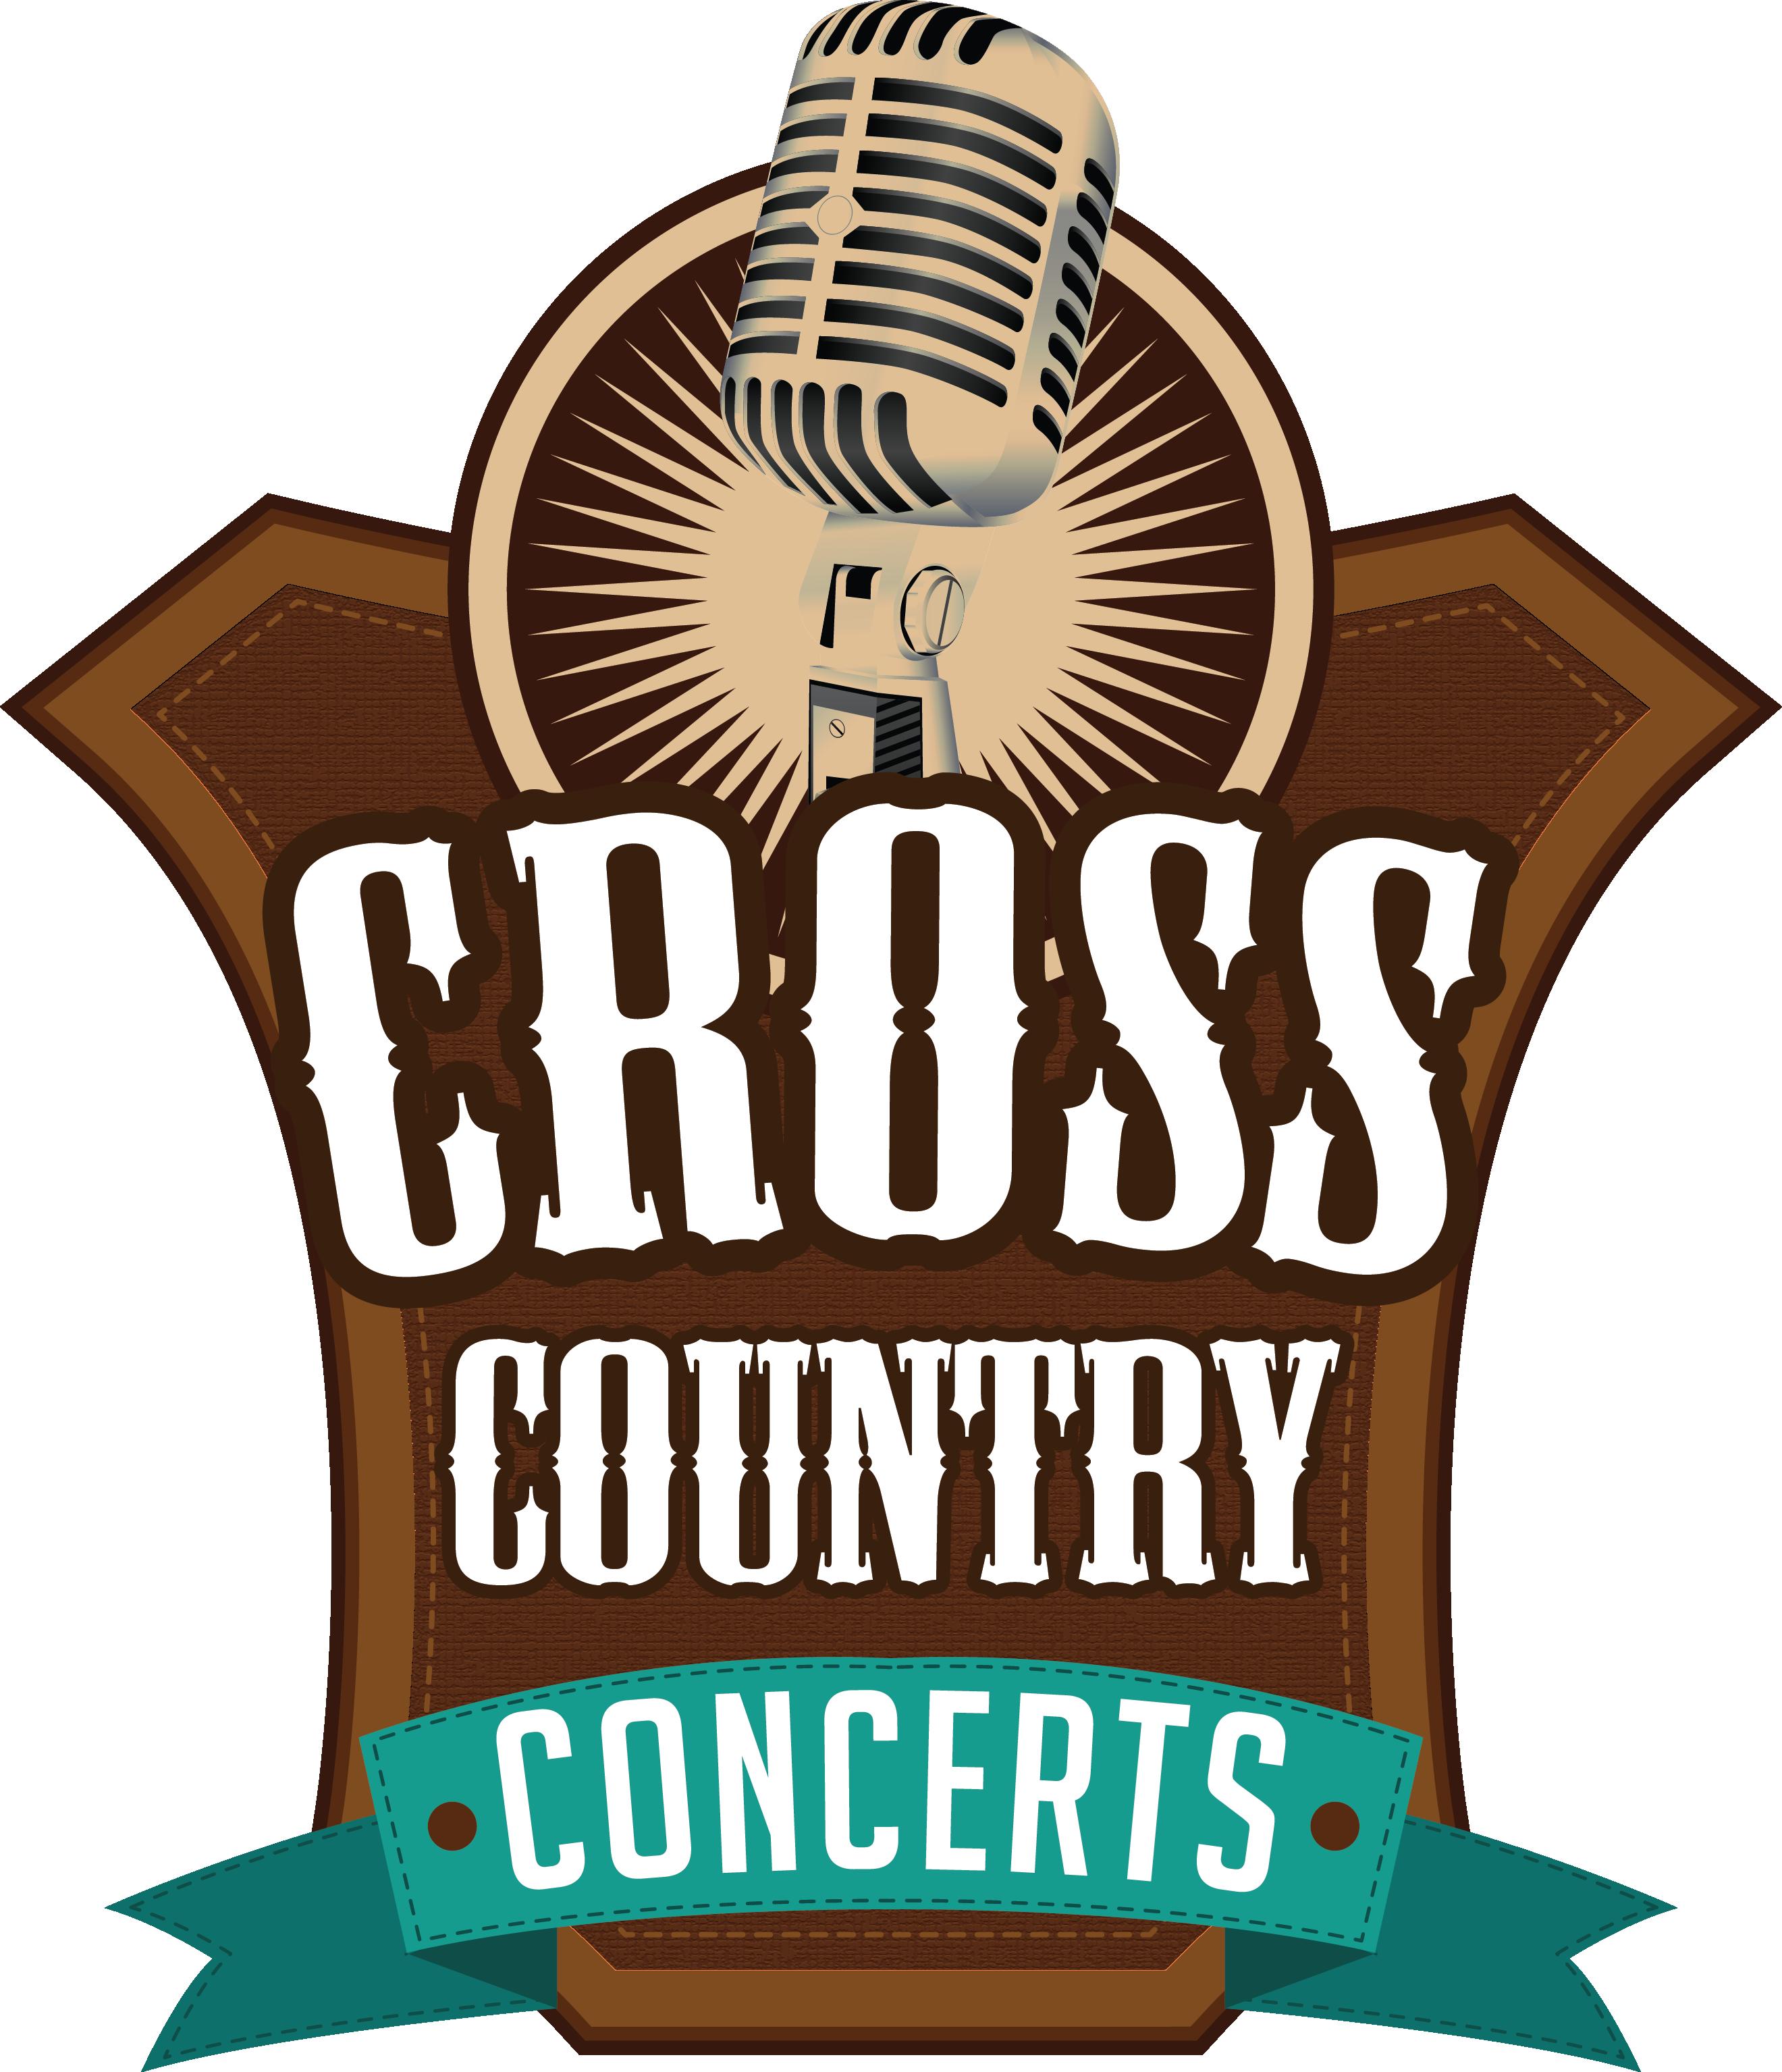 Concert clipart gospel concert. Cross country concerts